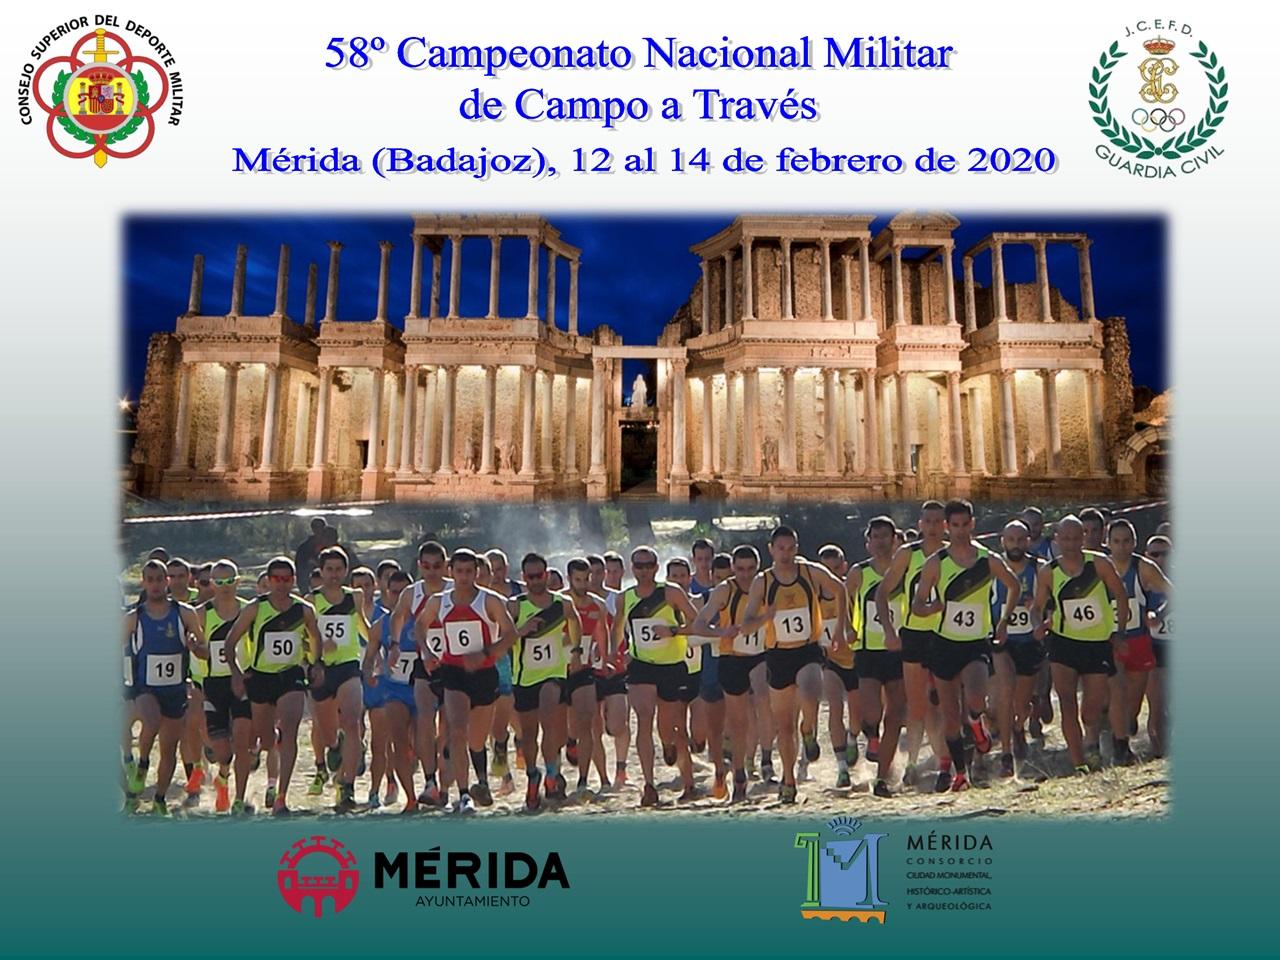 2020-cto-campo-a-traves-militar-cartel